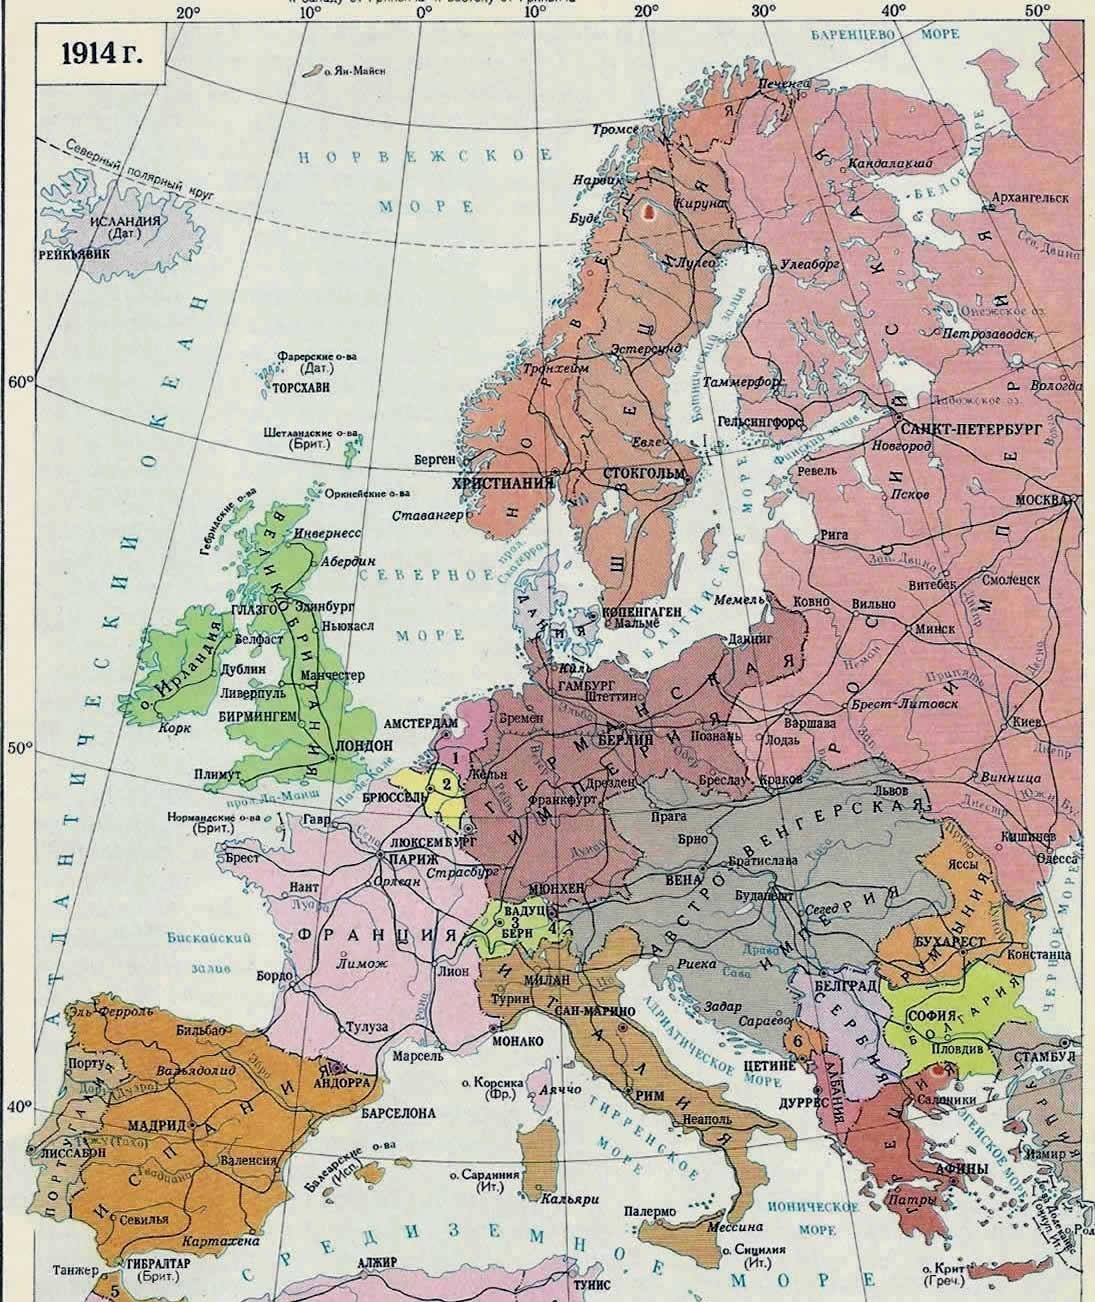 Карта 1914